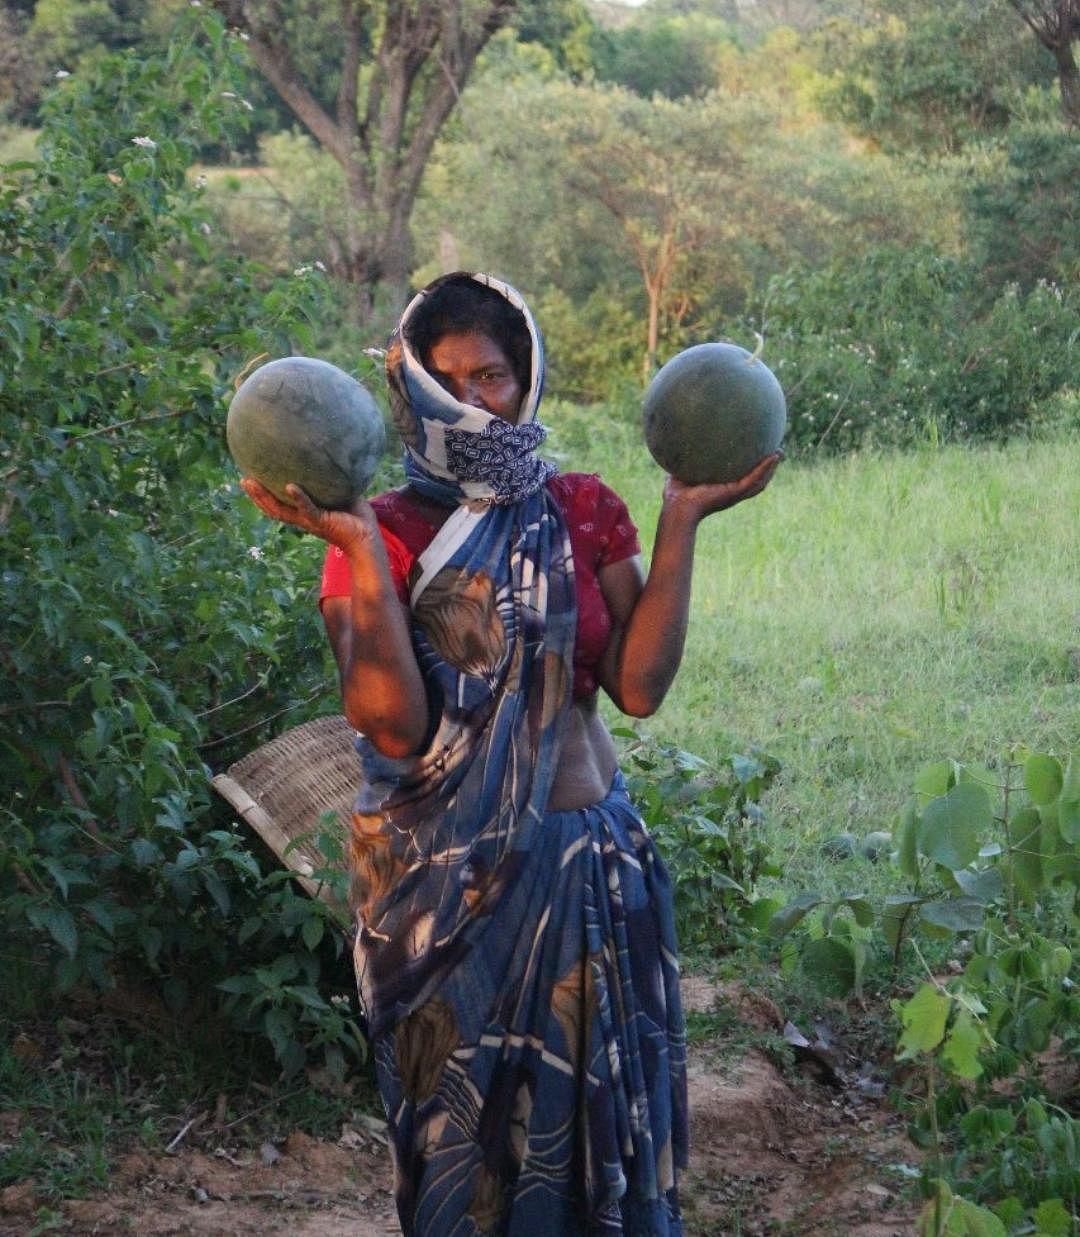 गुड न्यूज : लॉकडाउन में भी खिले किसानों के चेहरे, कृषि नियंत्रण कक्ष के जरिए बिक रहीं सब्जियां